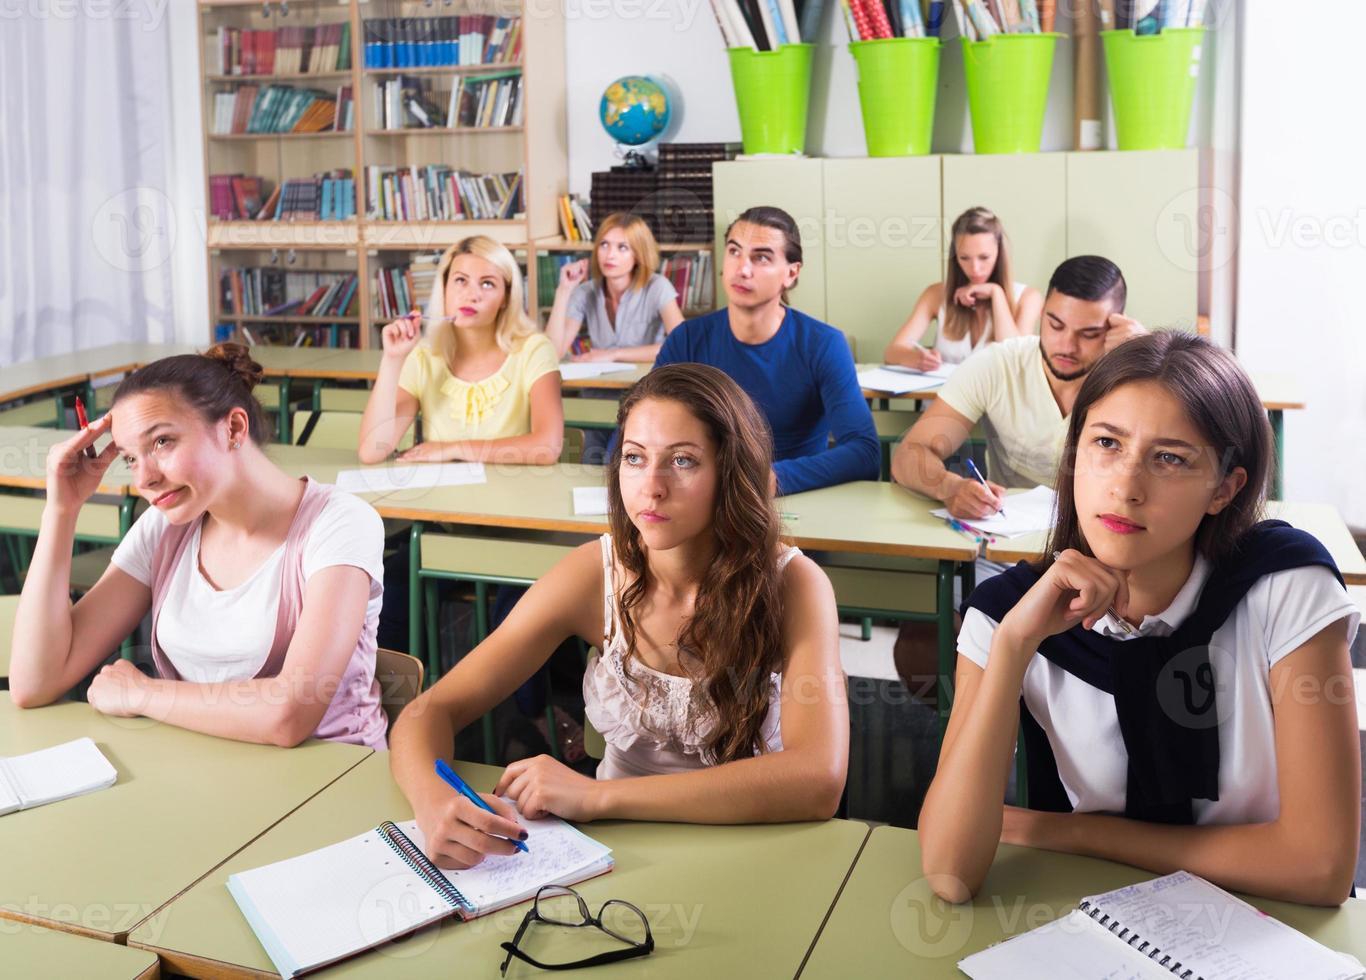 étudiant écoute attentivement pendant la conférence photo